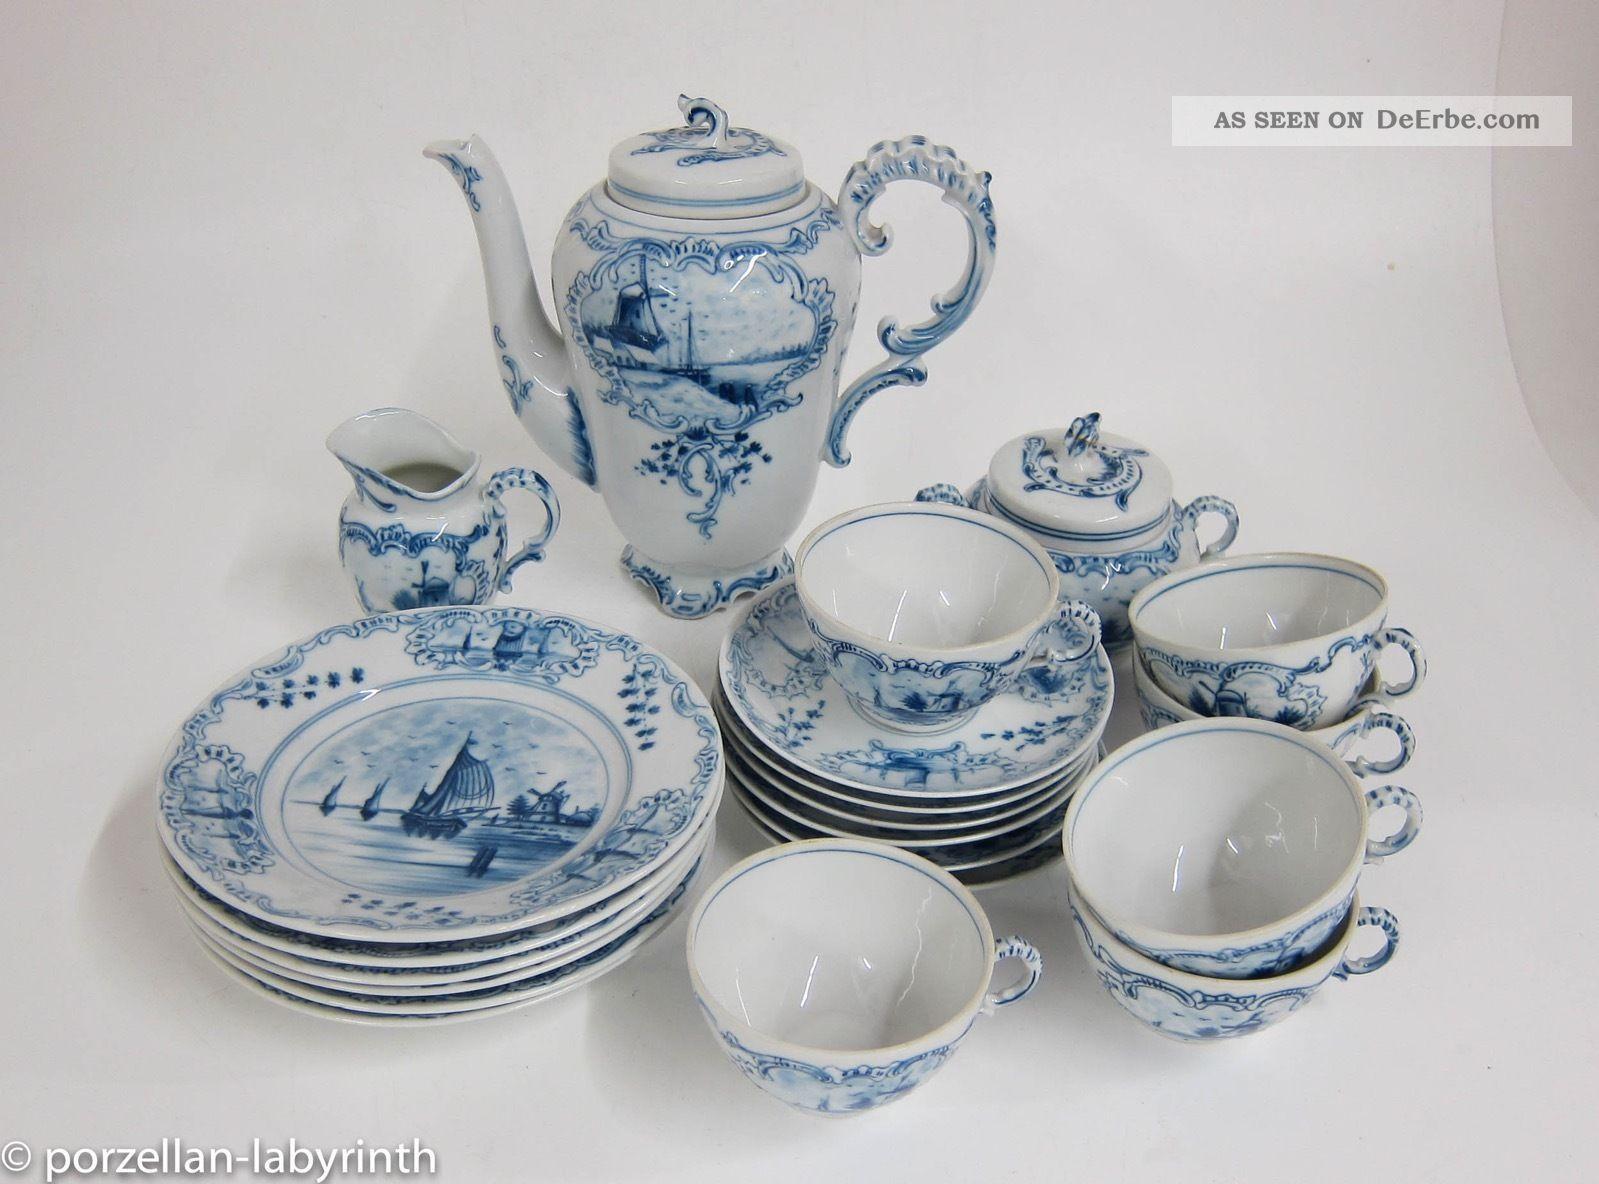 Antikes Kaffeeservice 6 Personen Rauenstein Delft Holland Motive Nach Marke & Herkunft Bild